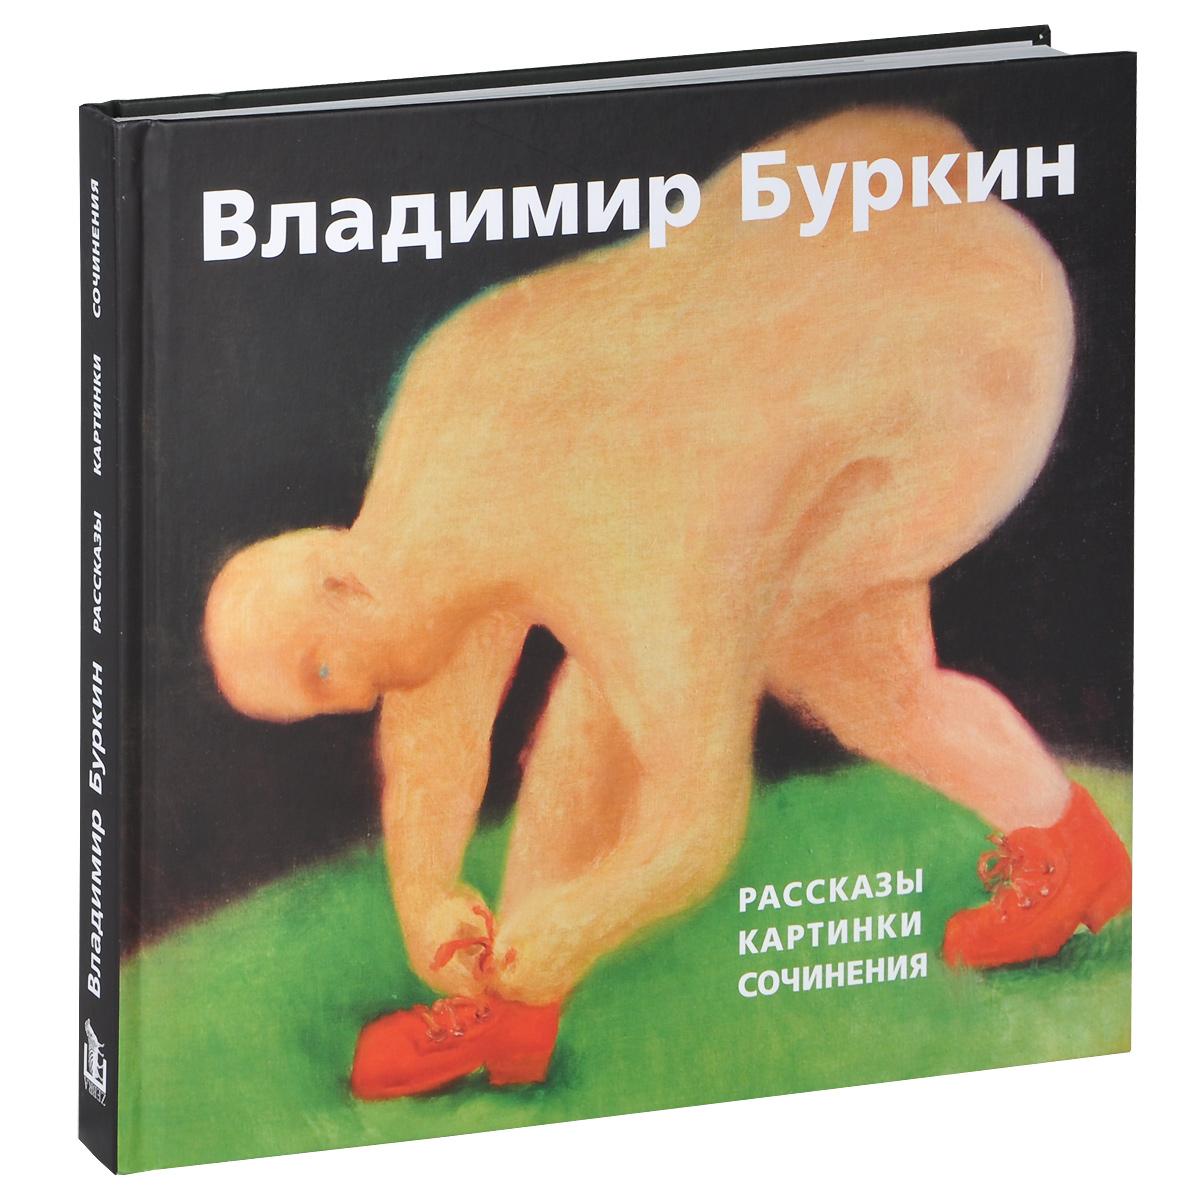 Владимир Буркин Владимир Буркин. Рассказы. Картинки. Сочинения